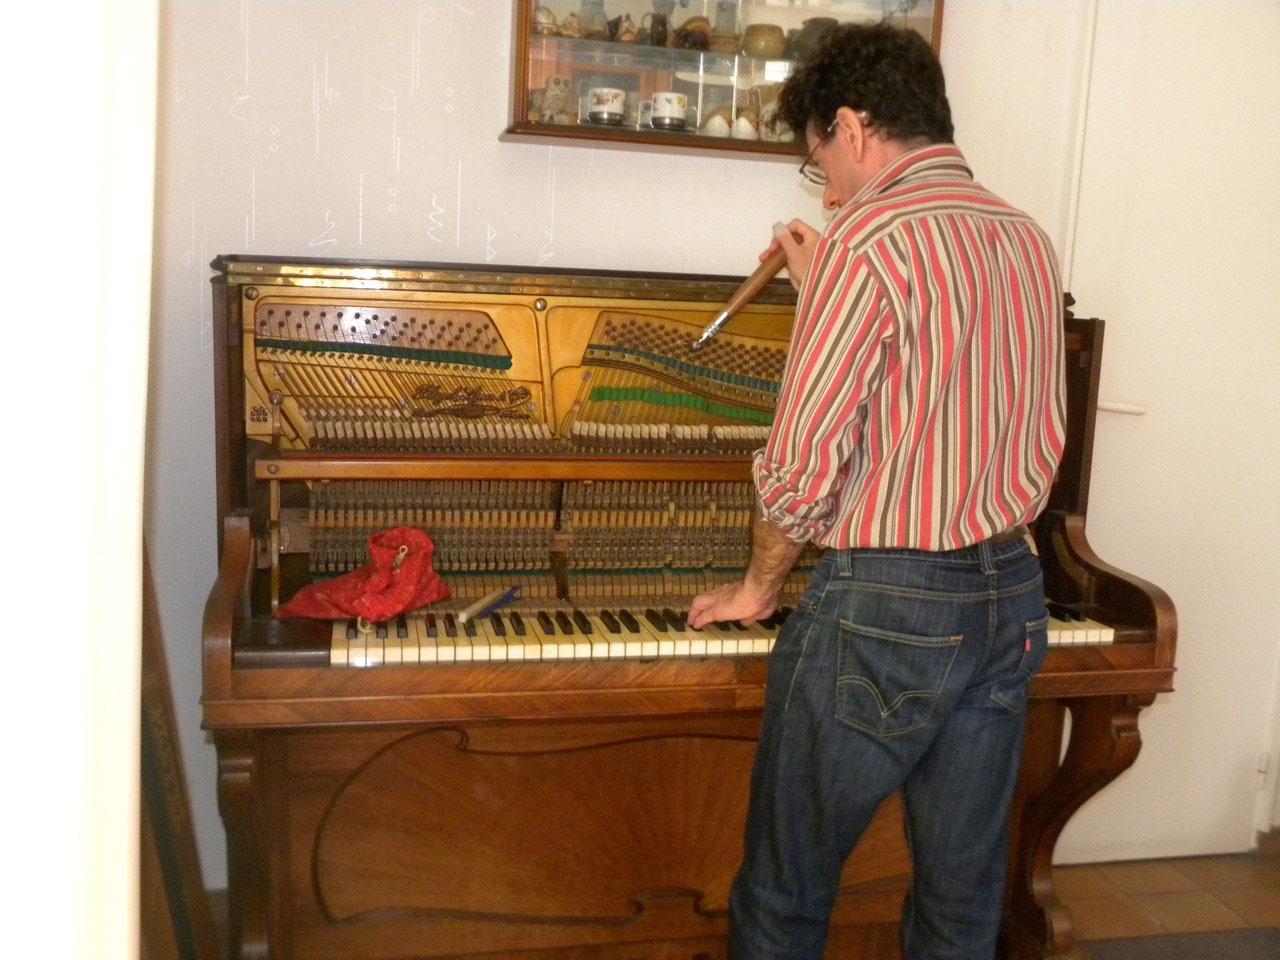 5. J'ajuste par octaves vers les aigus, jusqu'à l'extrême...